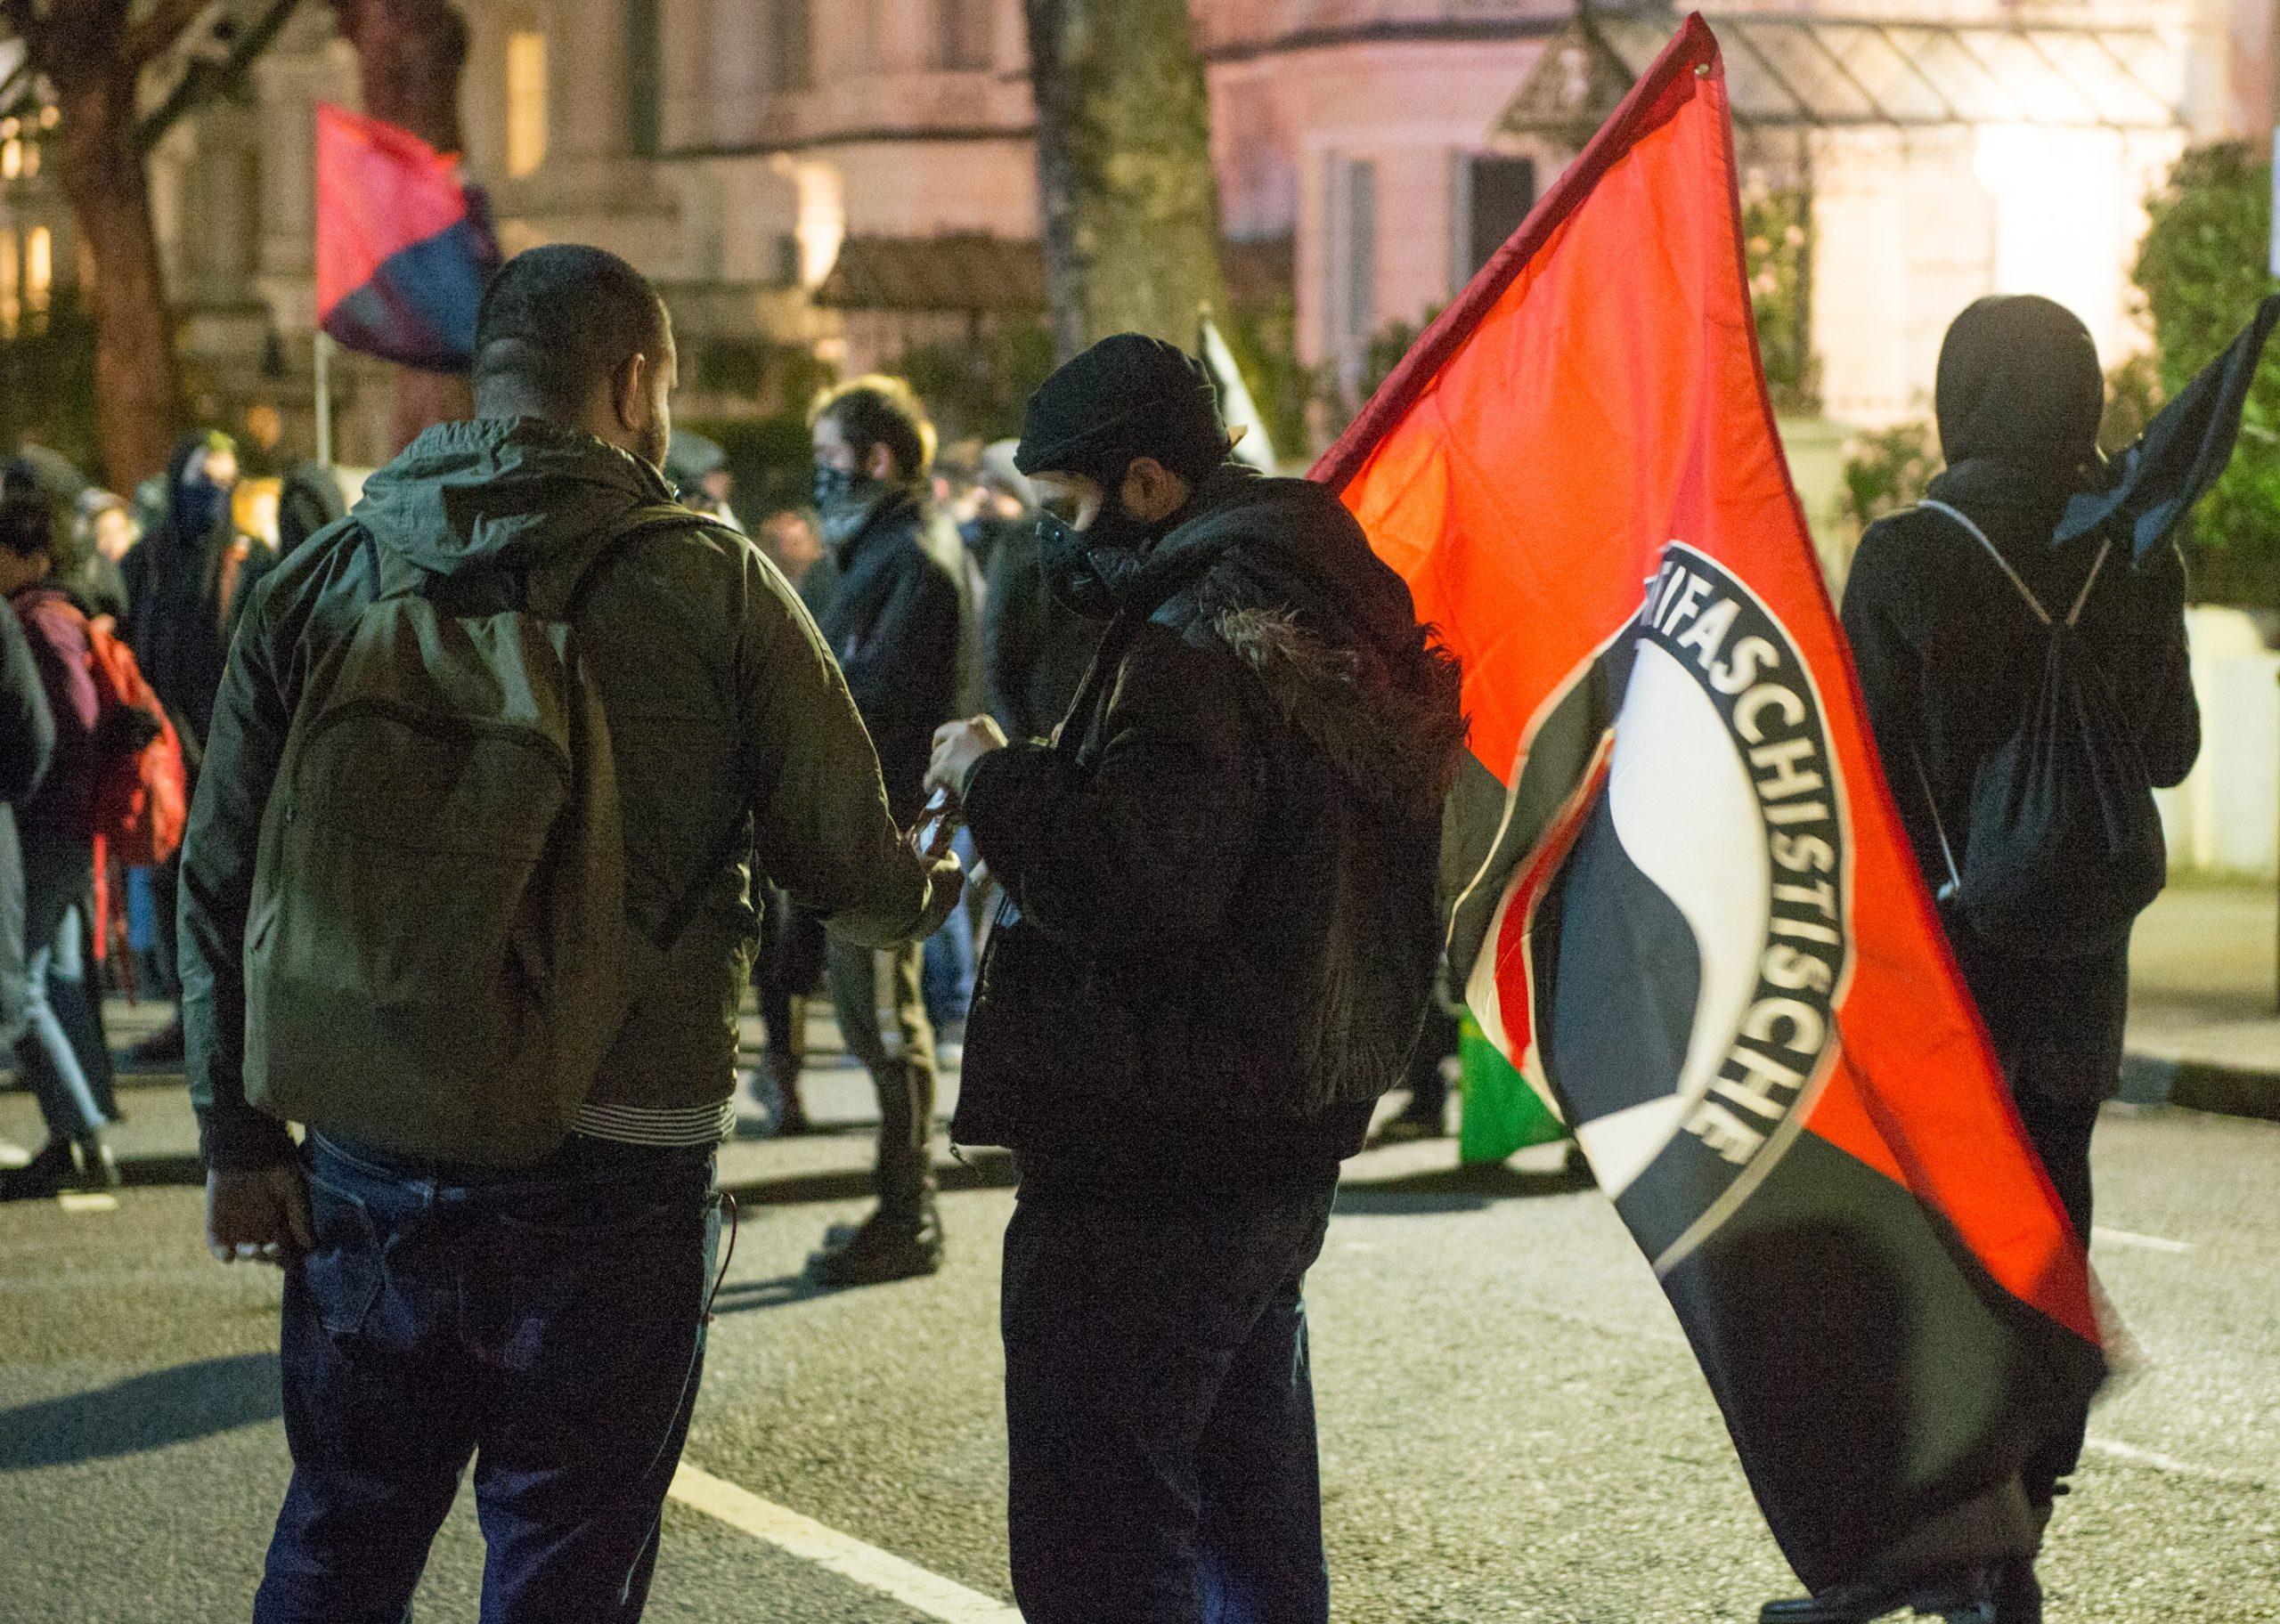 ¿Qué es ANTIFA, el grupo al que Donald Trump quiere designar como terrorista por las protestas en EU?